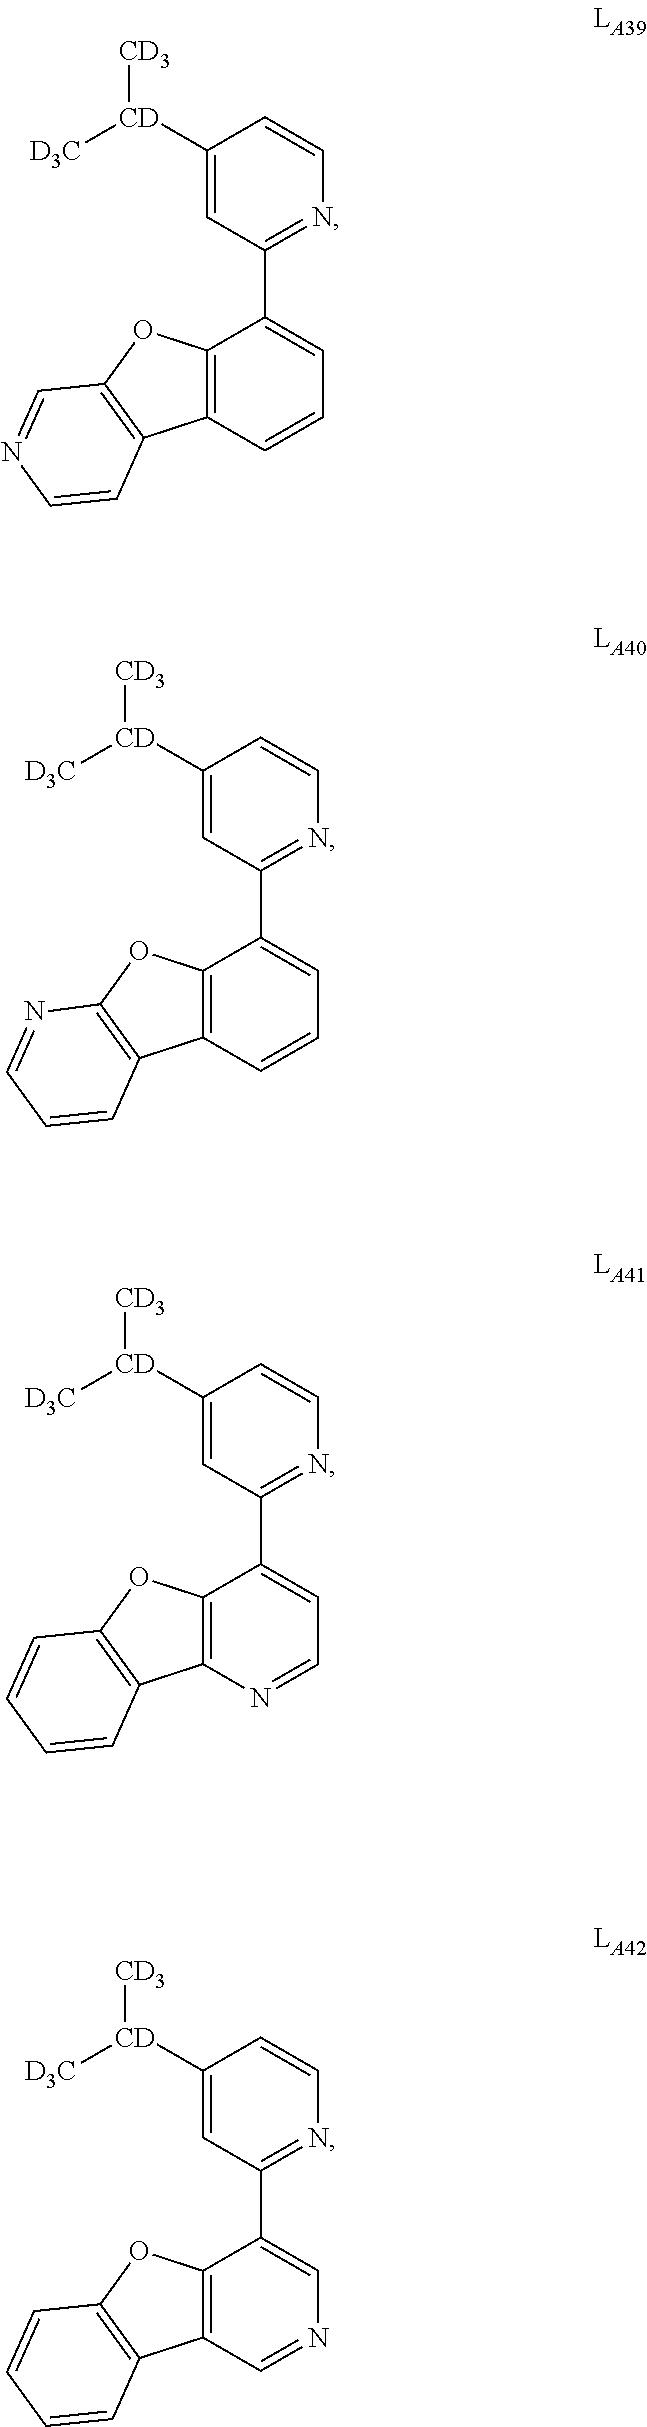 Figure US09634264-20170425-C00057